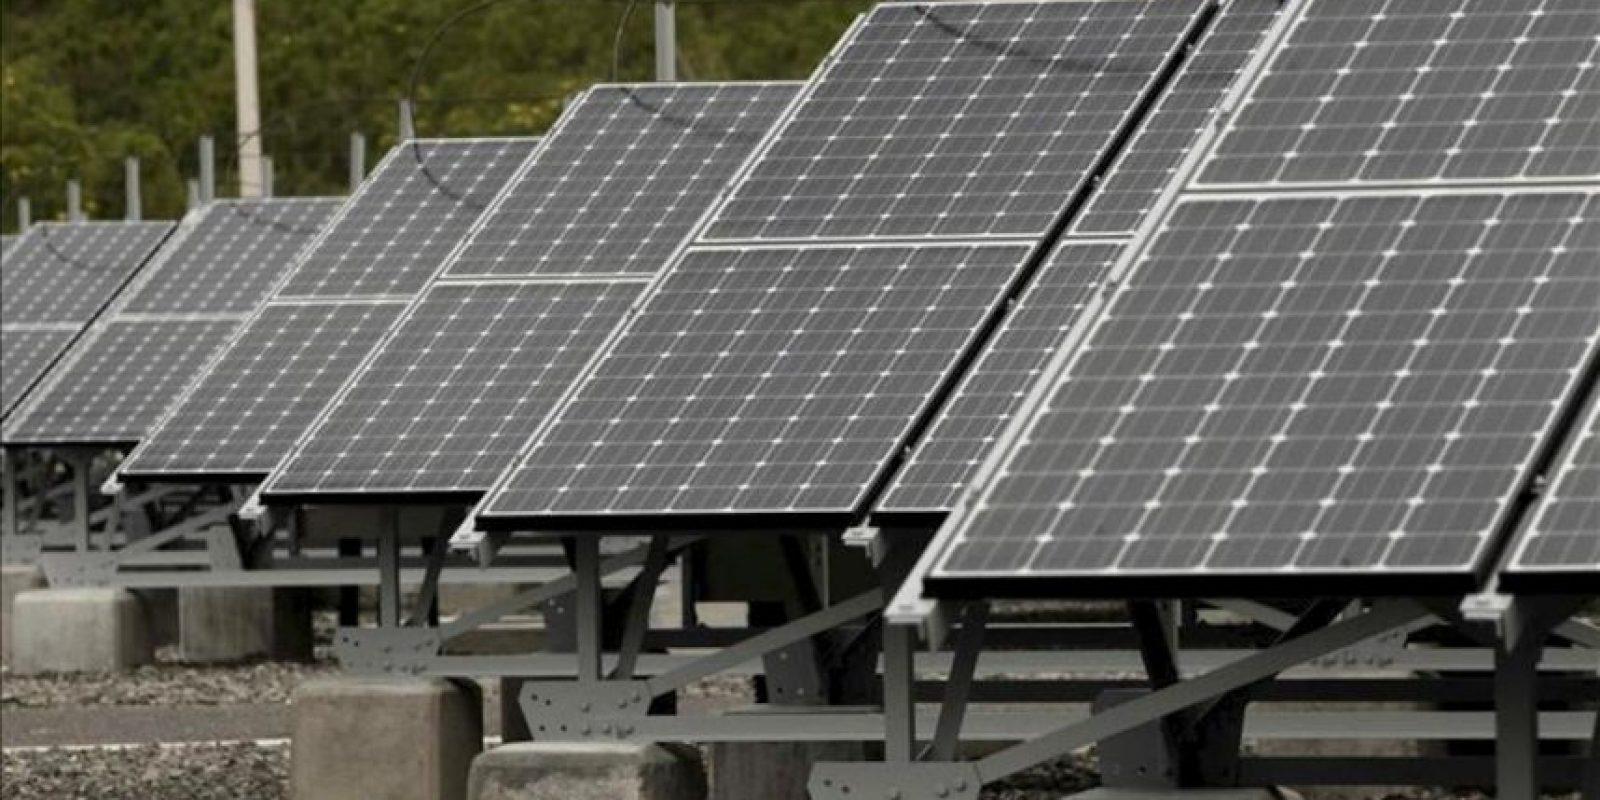 Vista del pasado jueves 22 de noviembre de parte de la estructura del Parque Solar Miravalles, la primera gran planta de Costa Rica para generar electricidad a partir de la luz del sol y la más grande de Centroamérica, con una capacidad de 1,2 gigavatios hora (GWh) al año. EFE